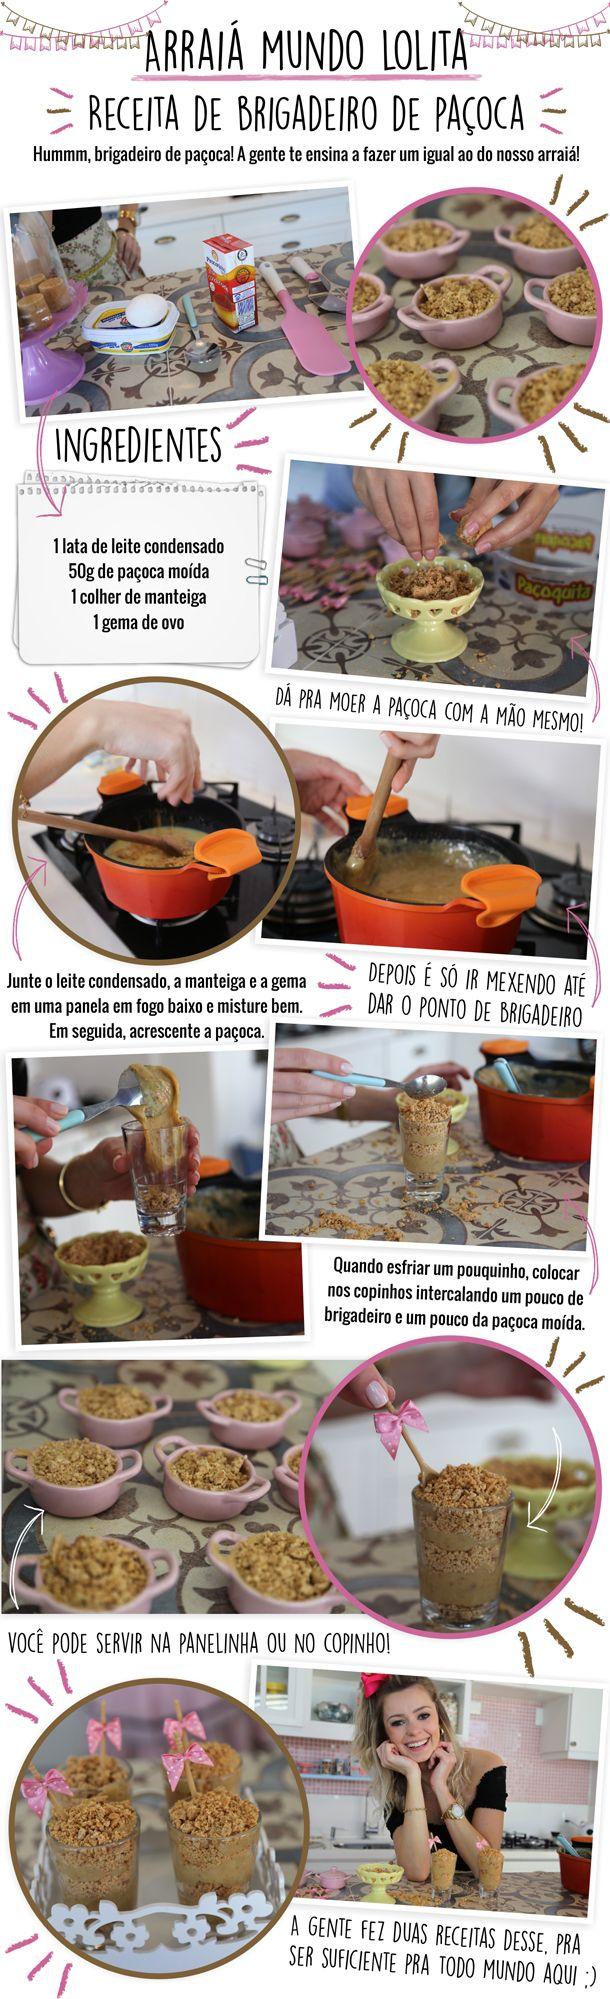 mundo-lolita-receita-brigadeiro-de-paçoca-festa-julina- suh riediger blog vittamina